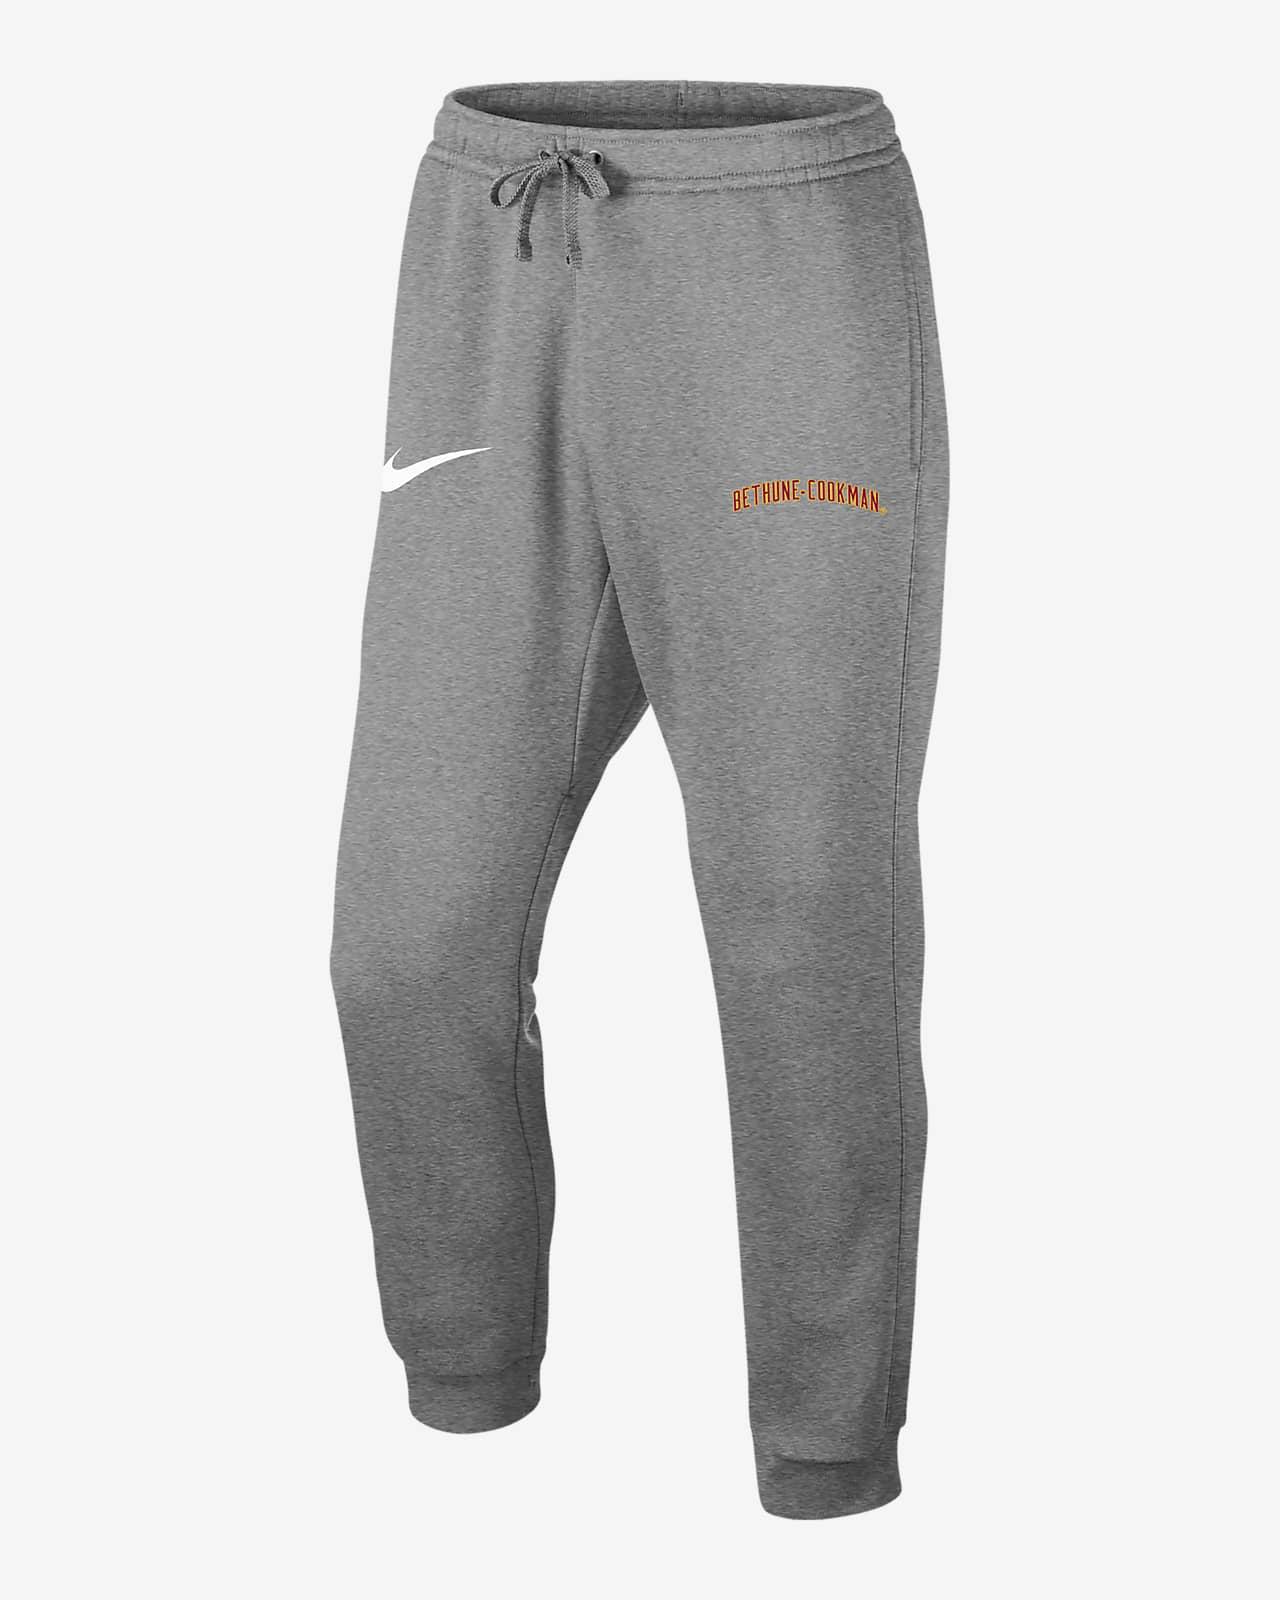 Nike College Club Fleece (Bethune-Cookman) Joggers